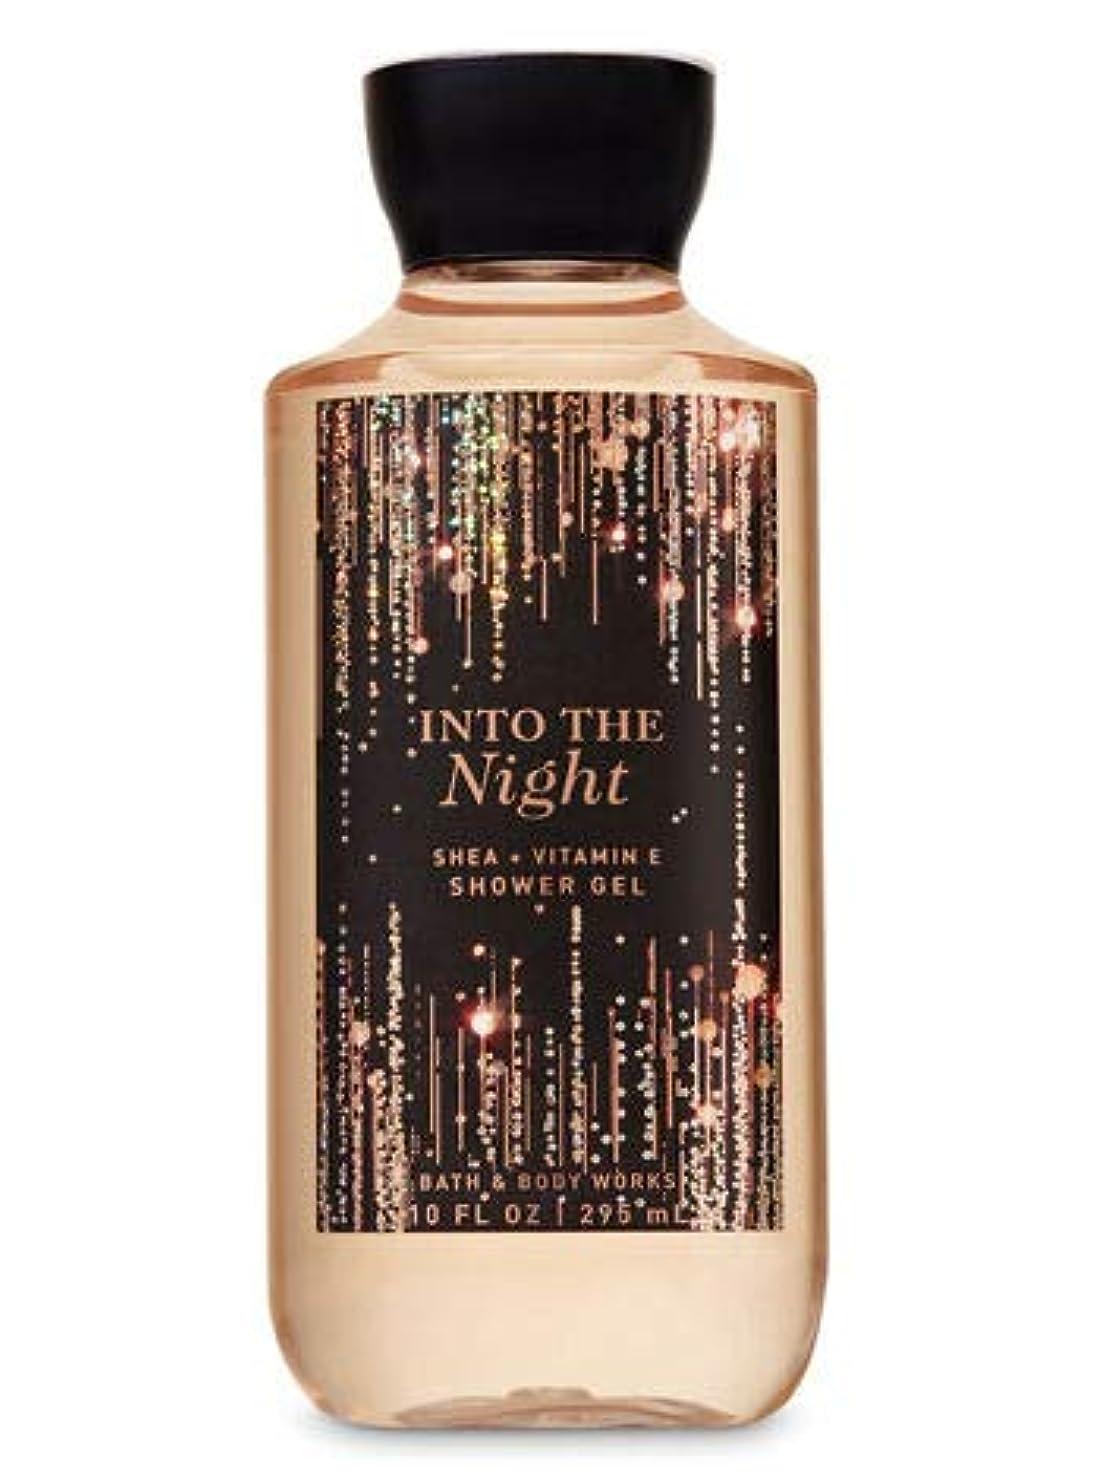 植物学者動詞動作Bath and Body Works INTO THE NIGHT Shower Gel 10 fl oz / 295 mL シャワージェル [並行輸入品]